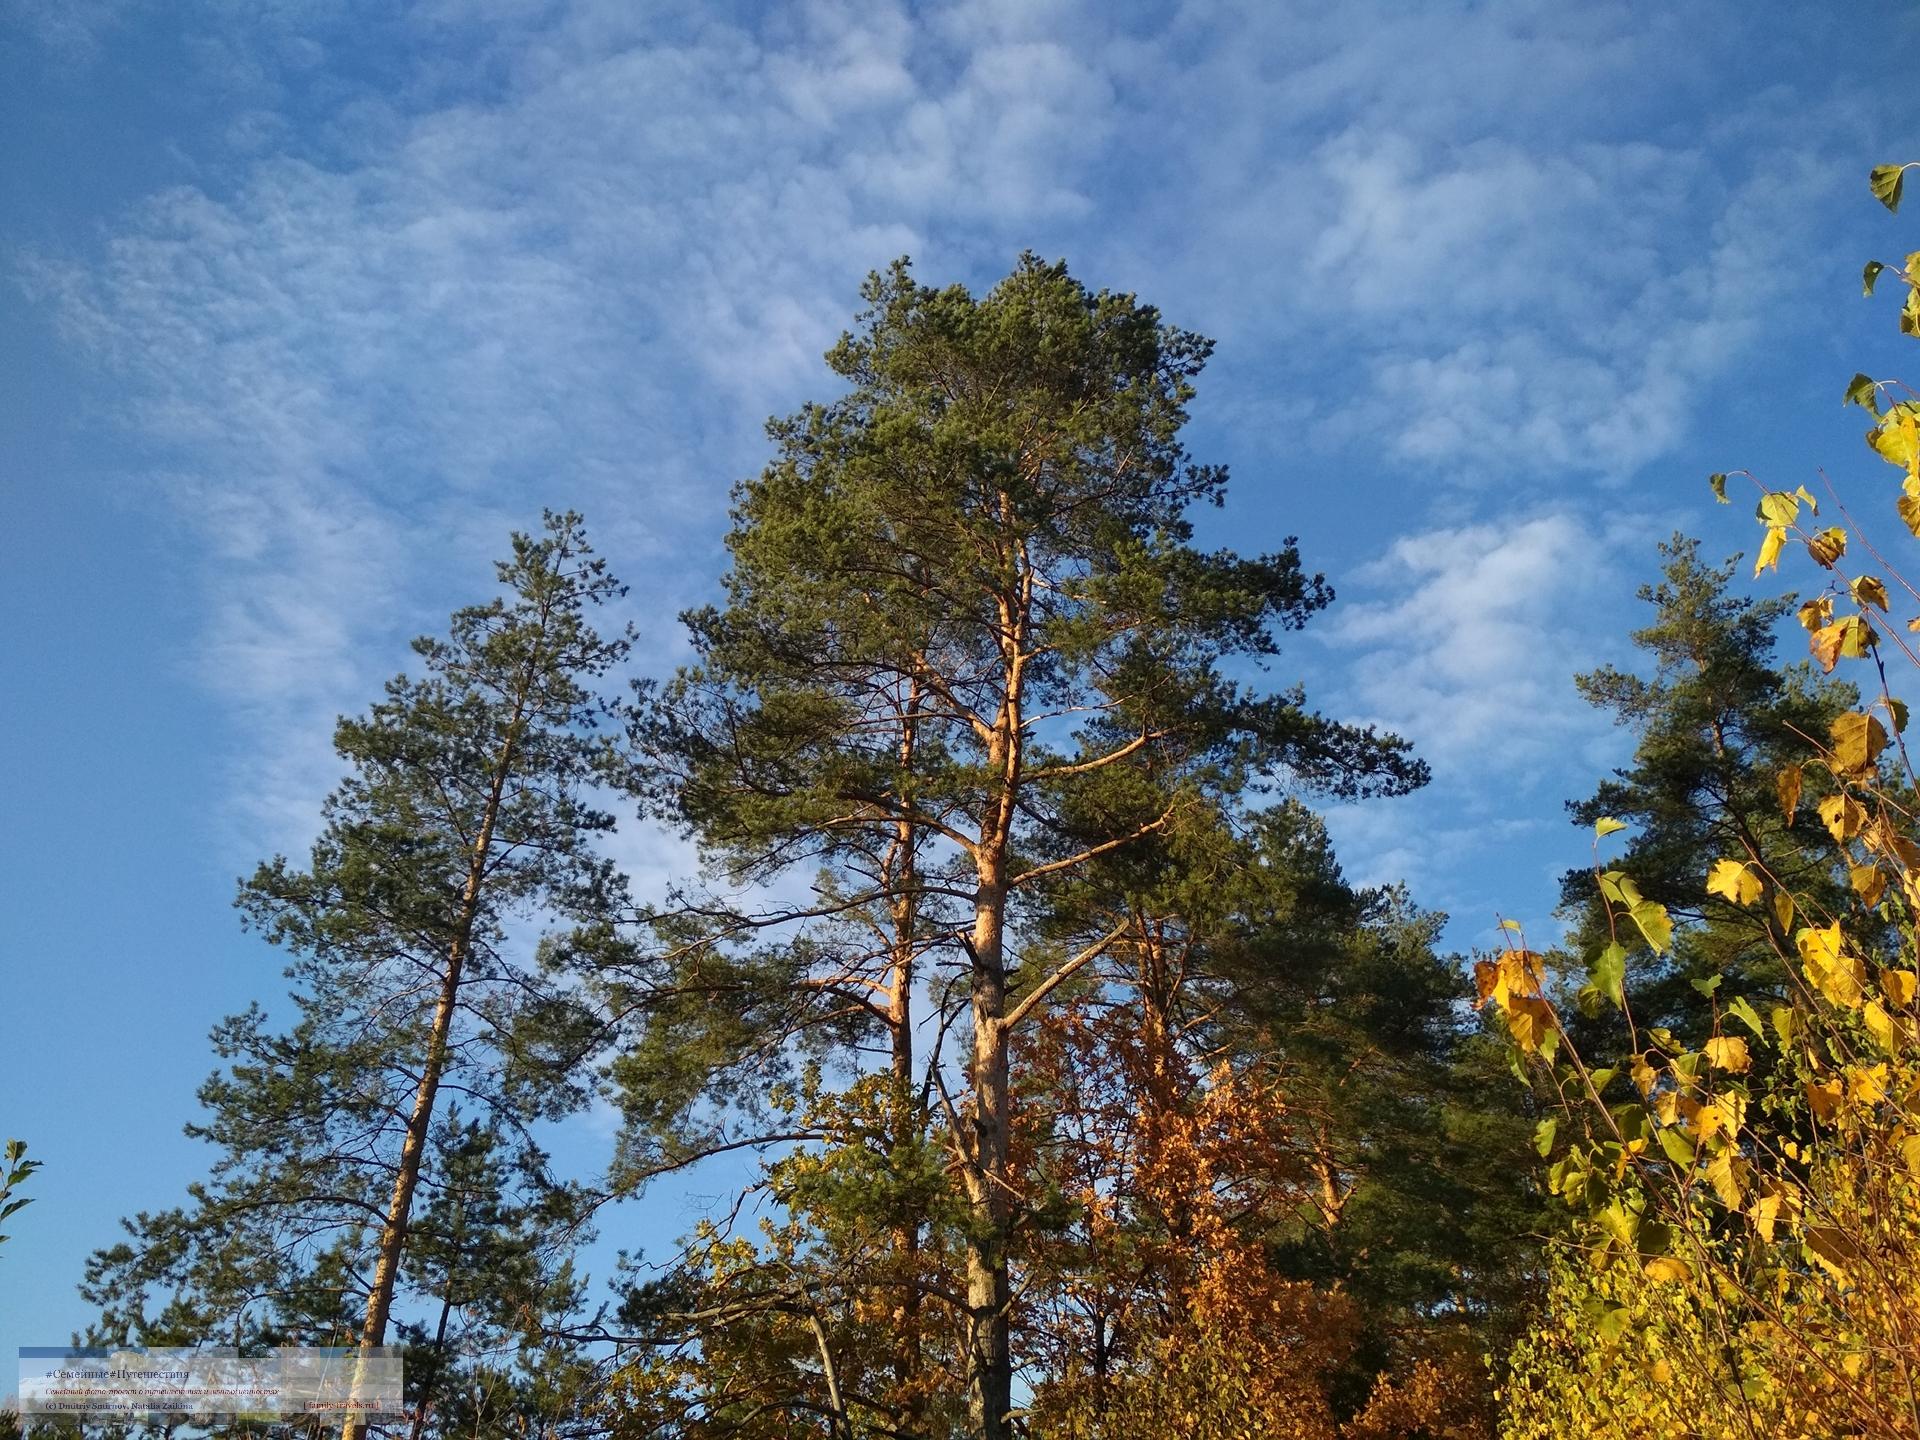 10132018-1620-Blog-03 Просто фото  Золотая осень (2018)